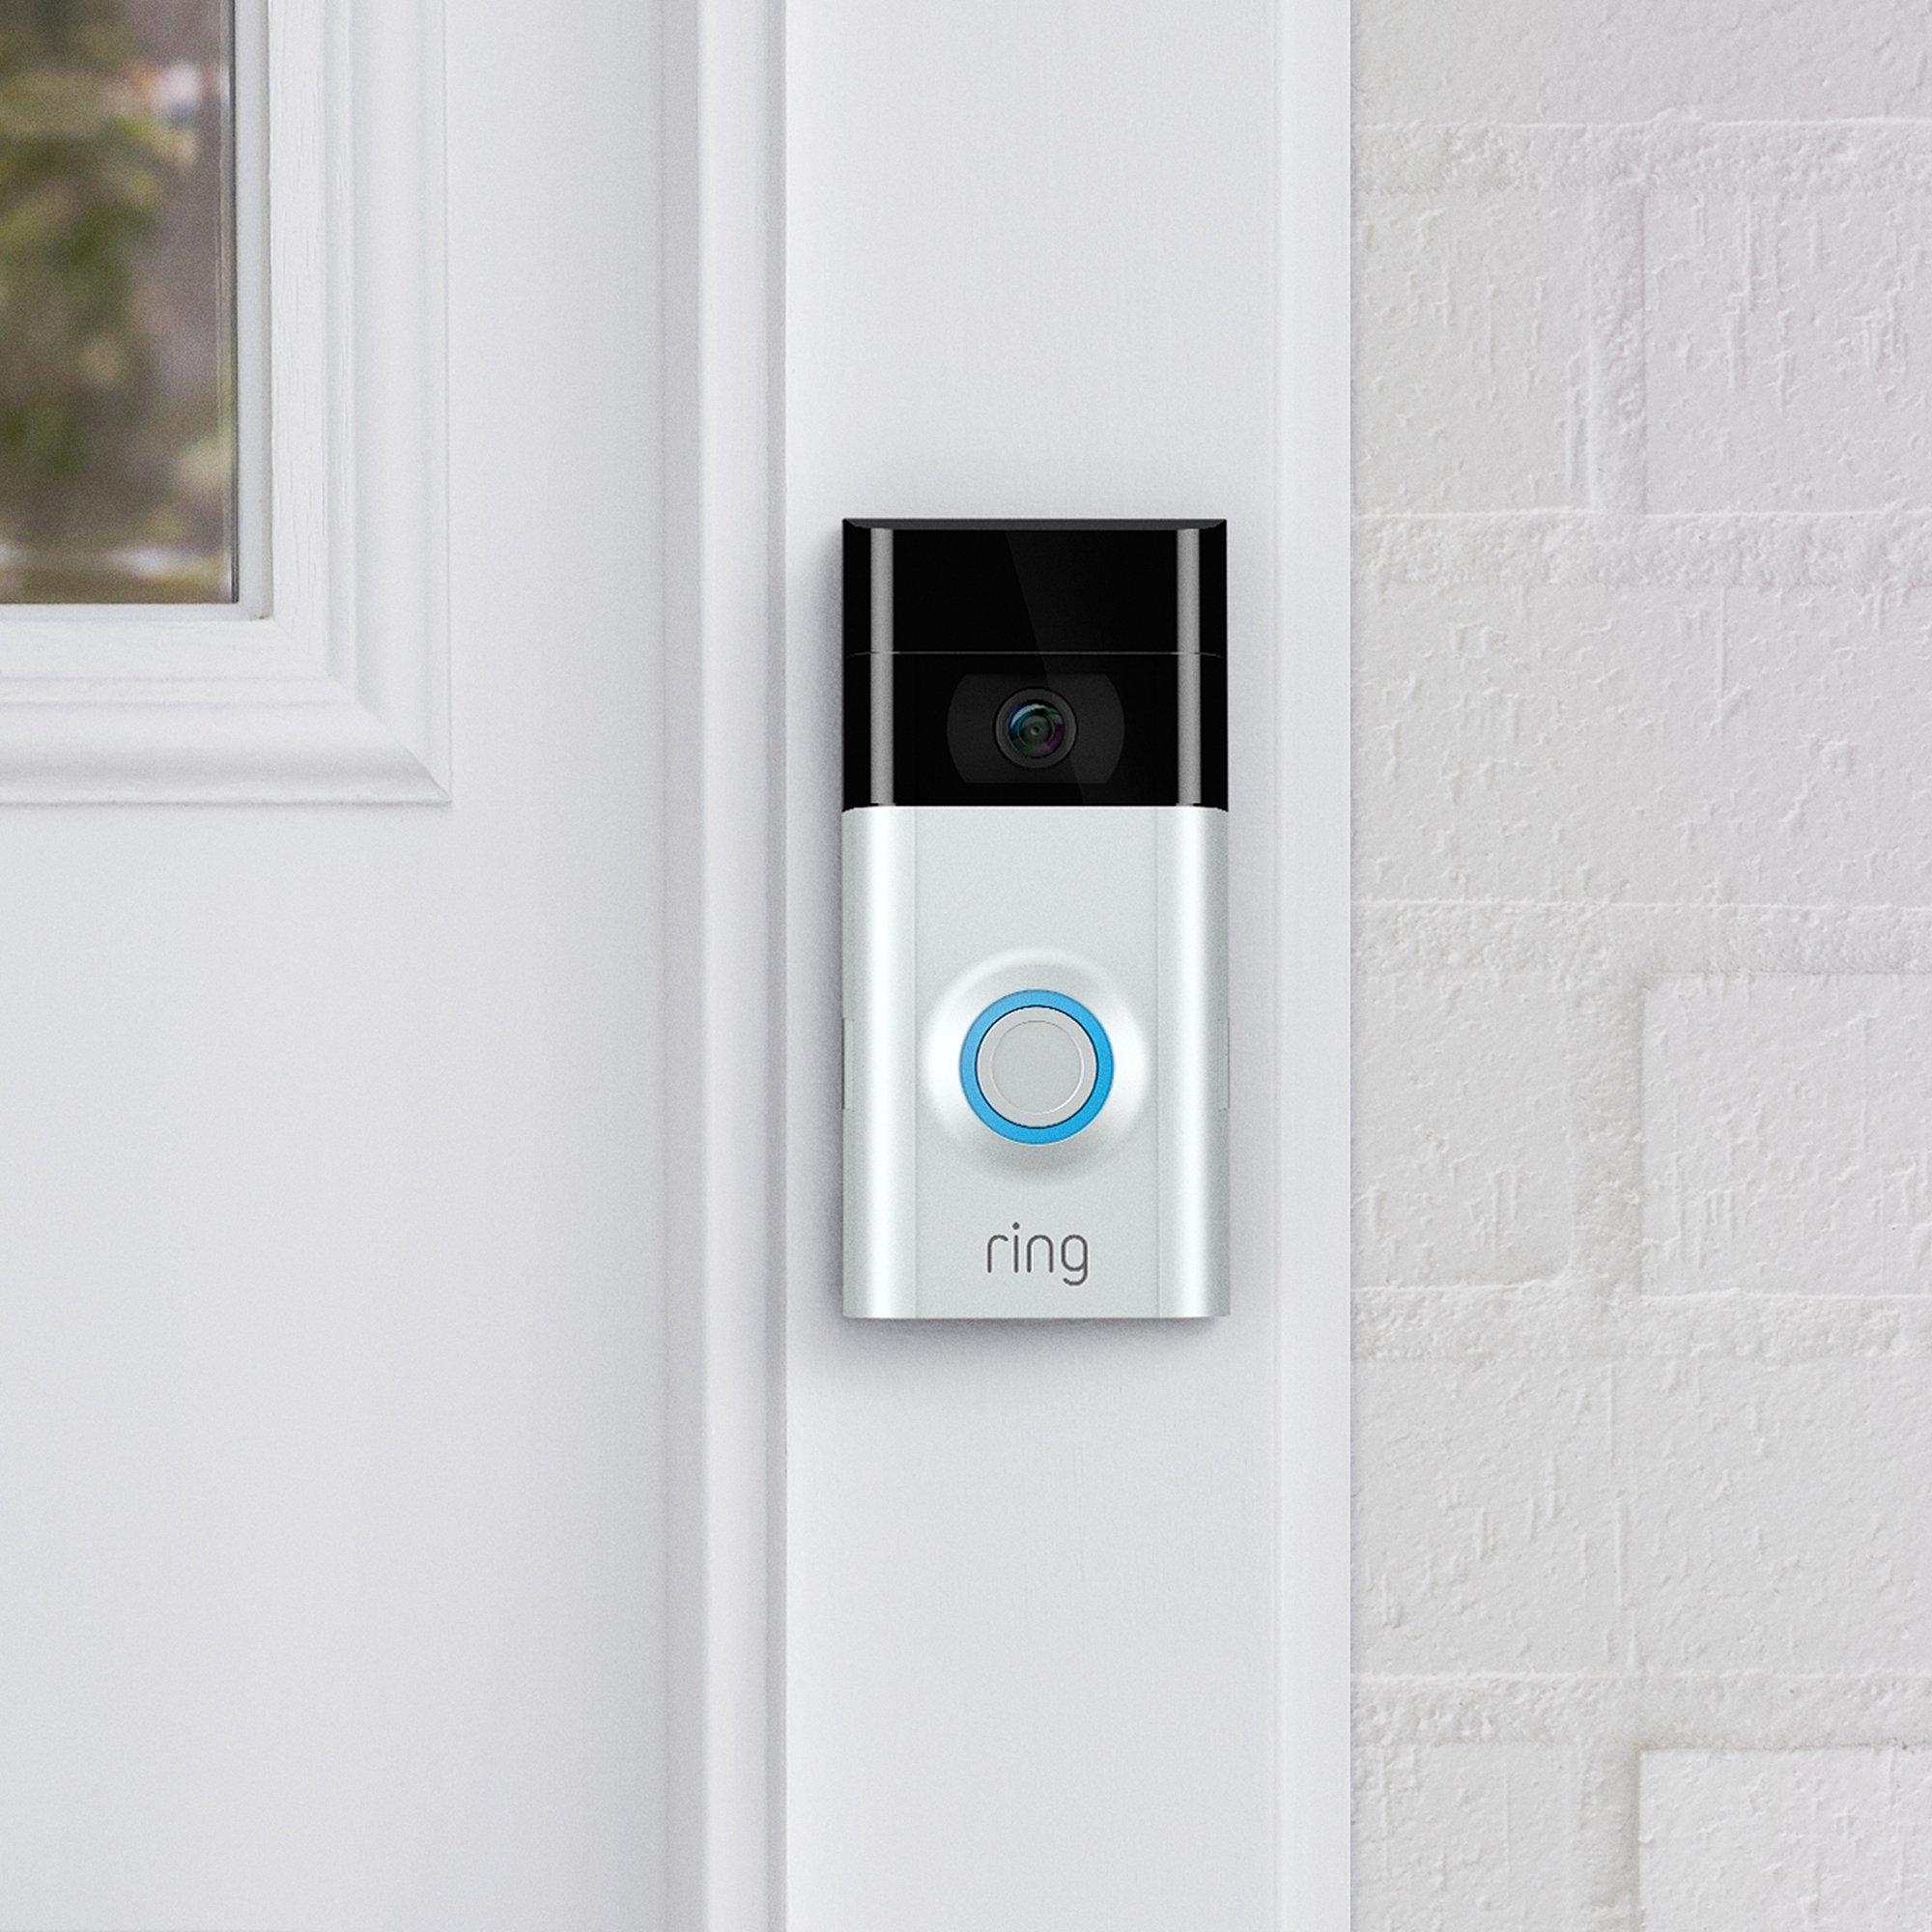 Ring Video Doorbell 2 con video HD, alertas activadas por movimiento, fácil instalación